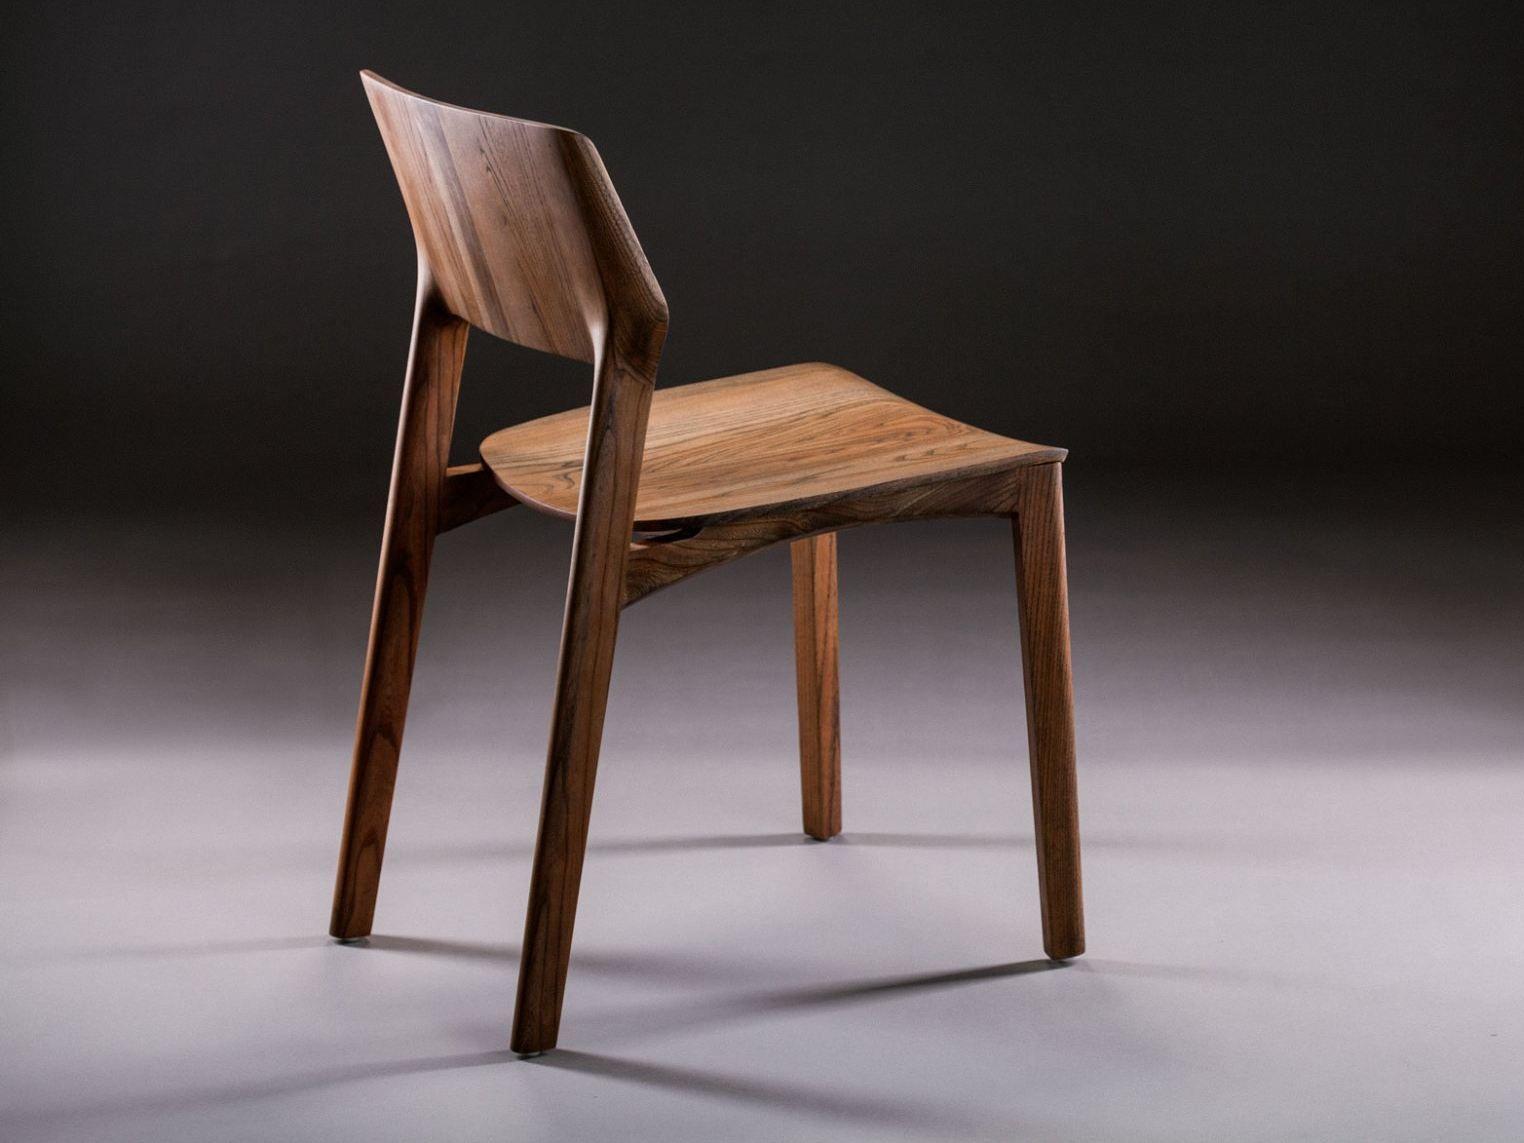 Dal sapiente incrocio del legno e dei tessuti, nascono bellissime sedie di design, nel rispetto costante. Sedia In Legno Collezione Fin By Artisan Design Michael Schneider Wood Chair Design Modern Wood Chair Mid Century Dining Chairs